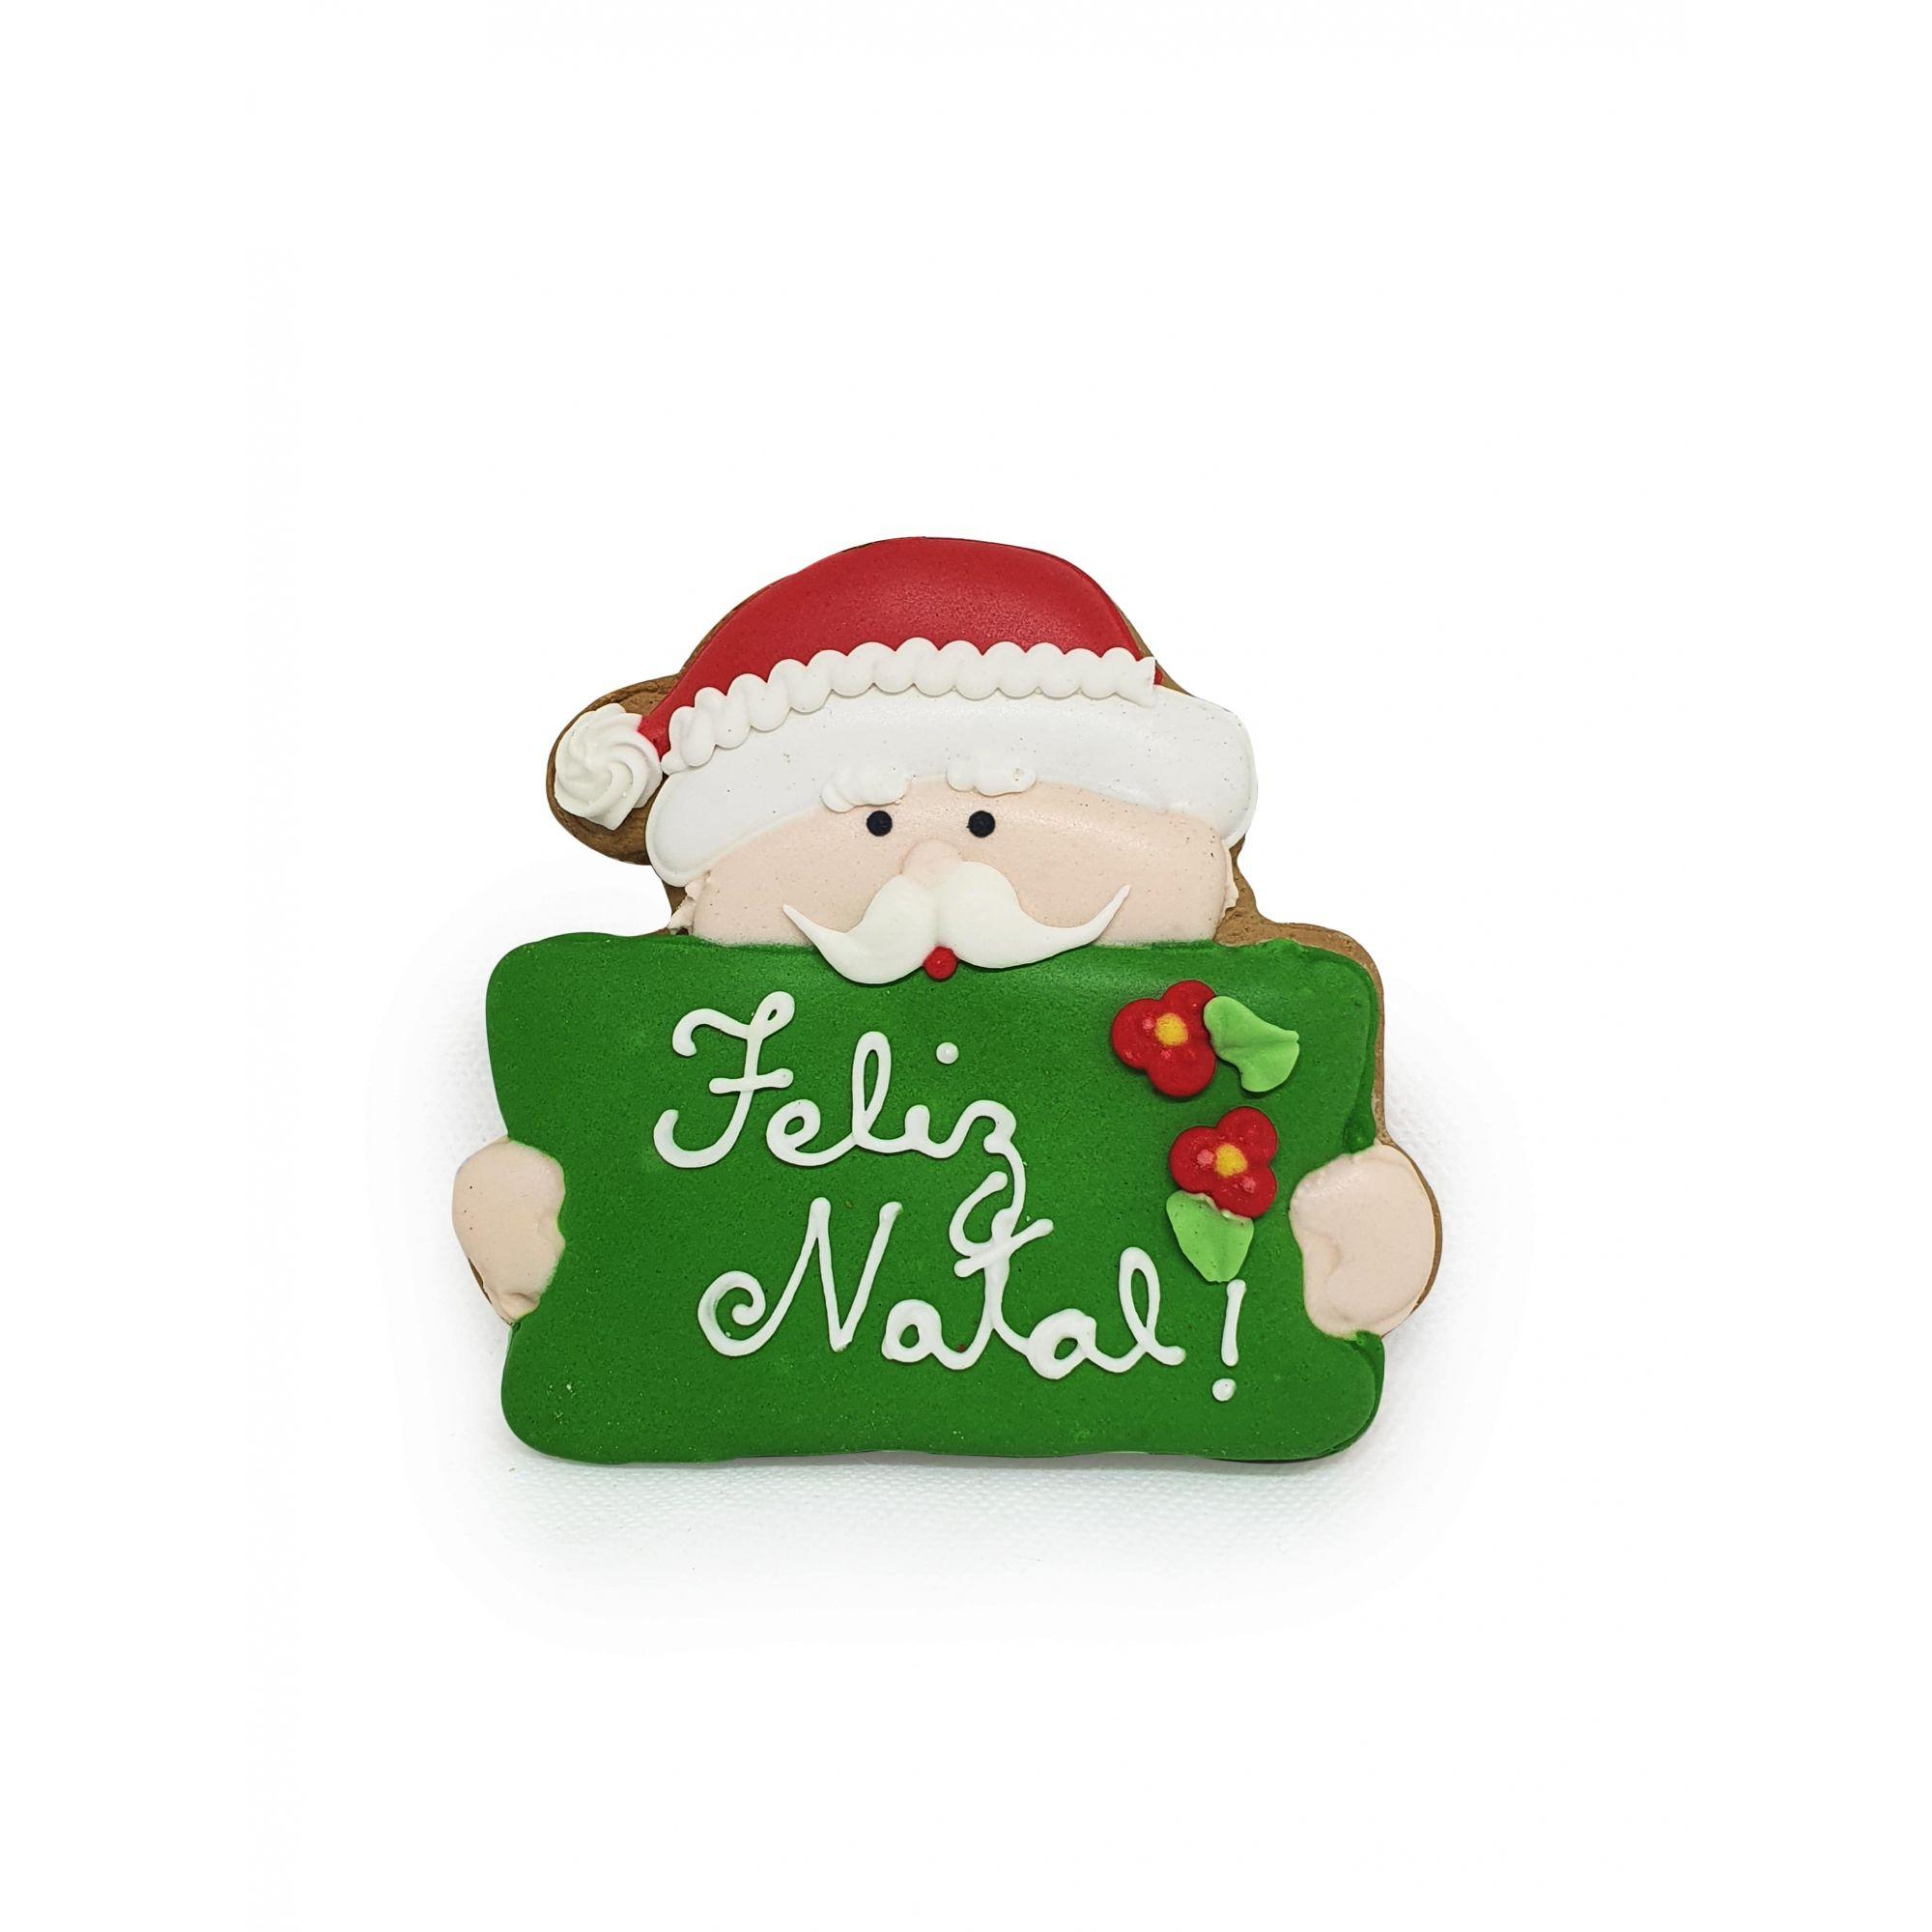 Decorado Papai Noel - Placa Feliz Natal - 50g